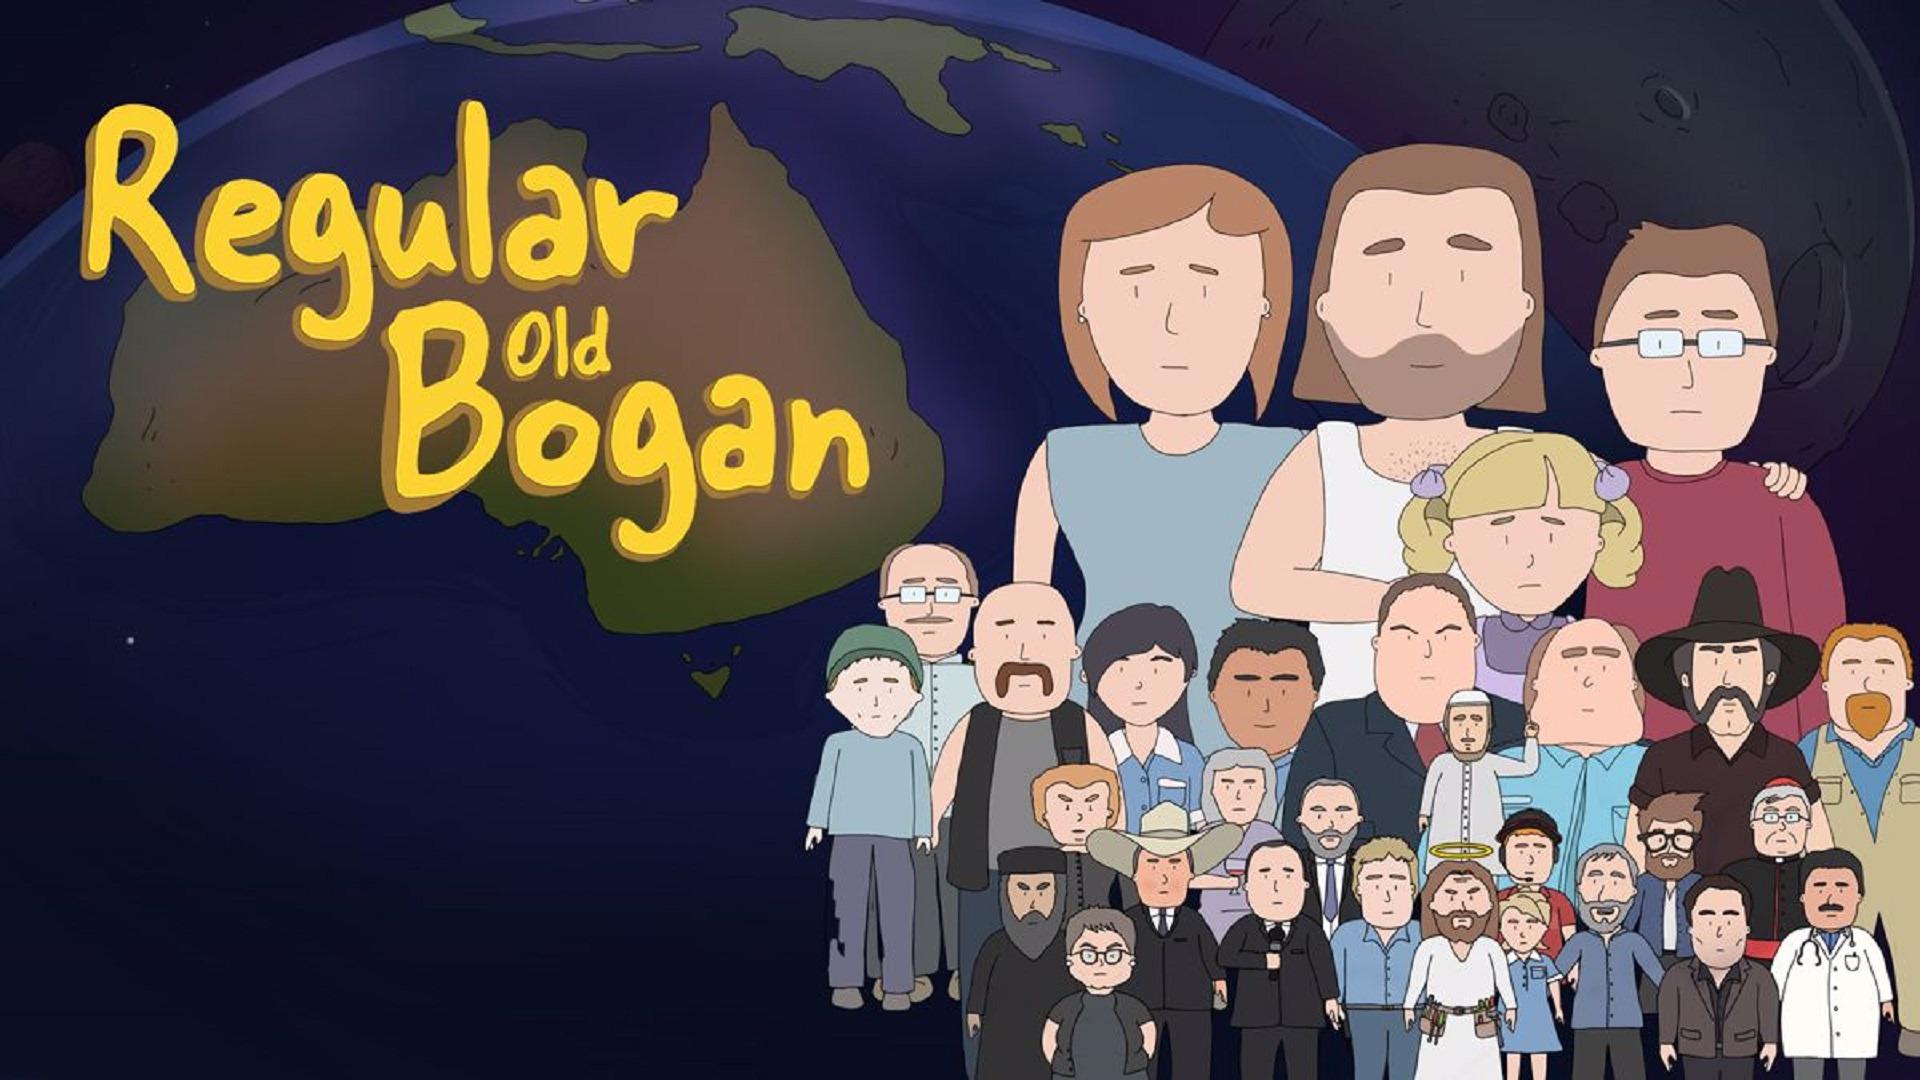 Сериал Regular Old Bogan